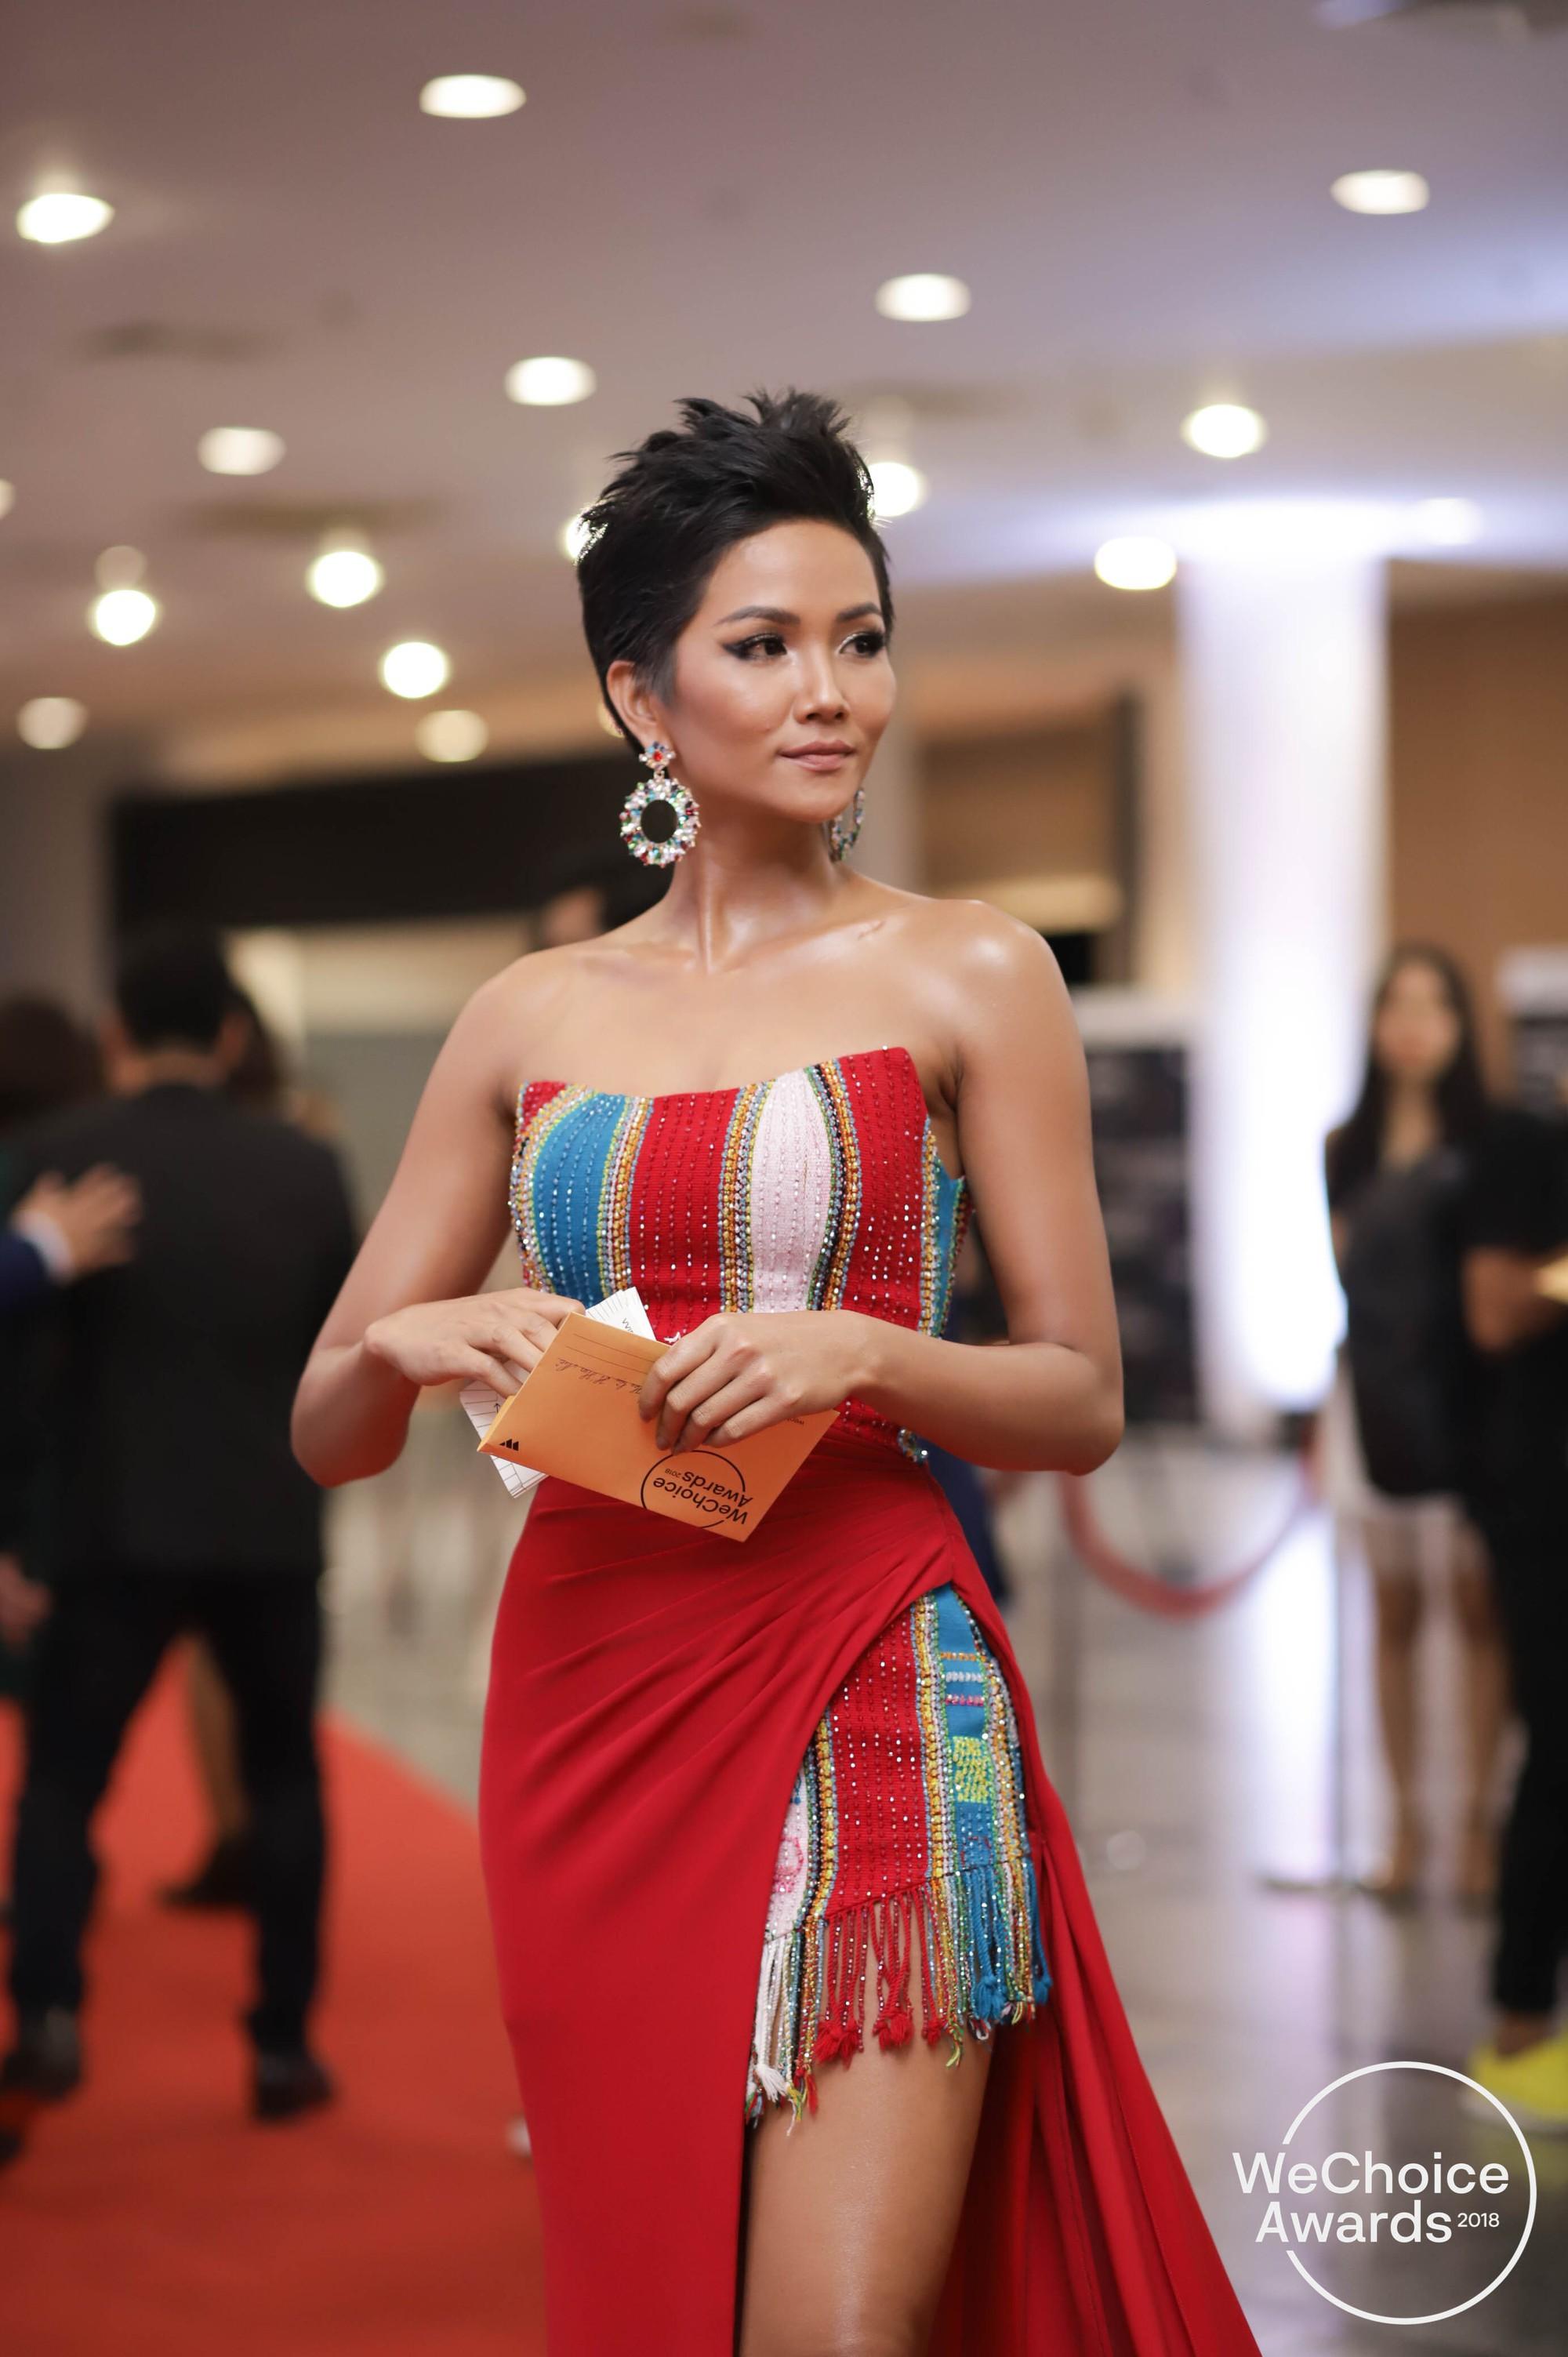 best-dressed-wechoice-11-1546764668855263939317